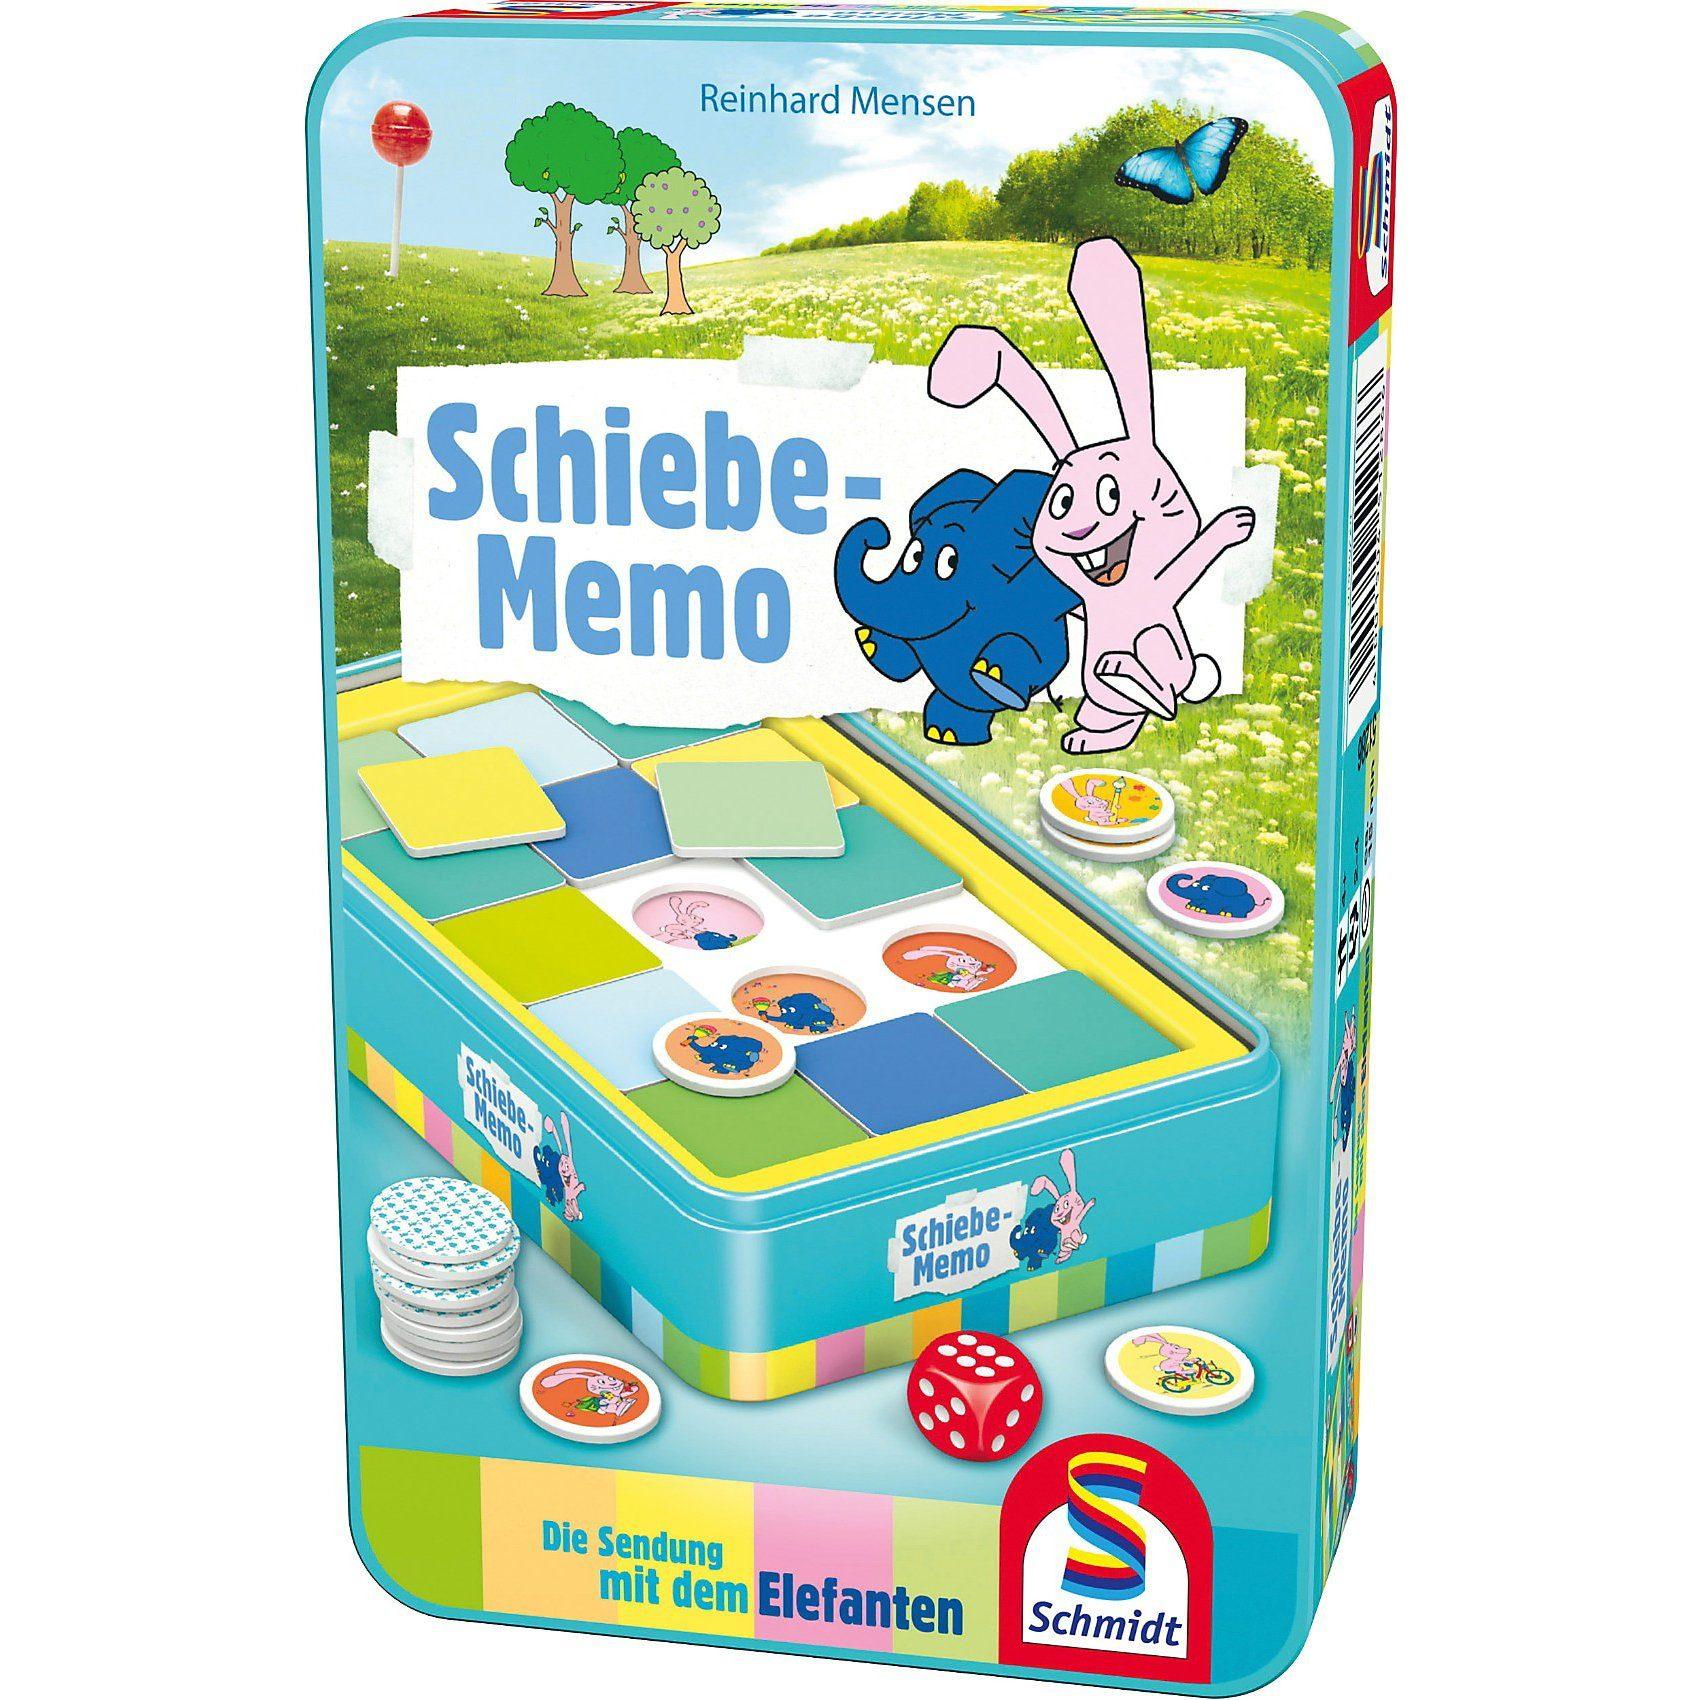 Schmidt Spiele Mitbringspiel Die Sendung mit dem Elefanten Schiebe-Memo Rei